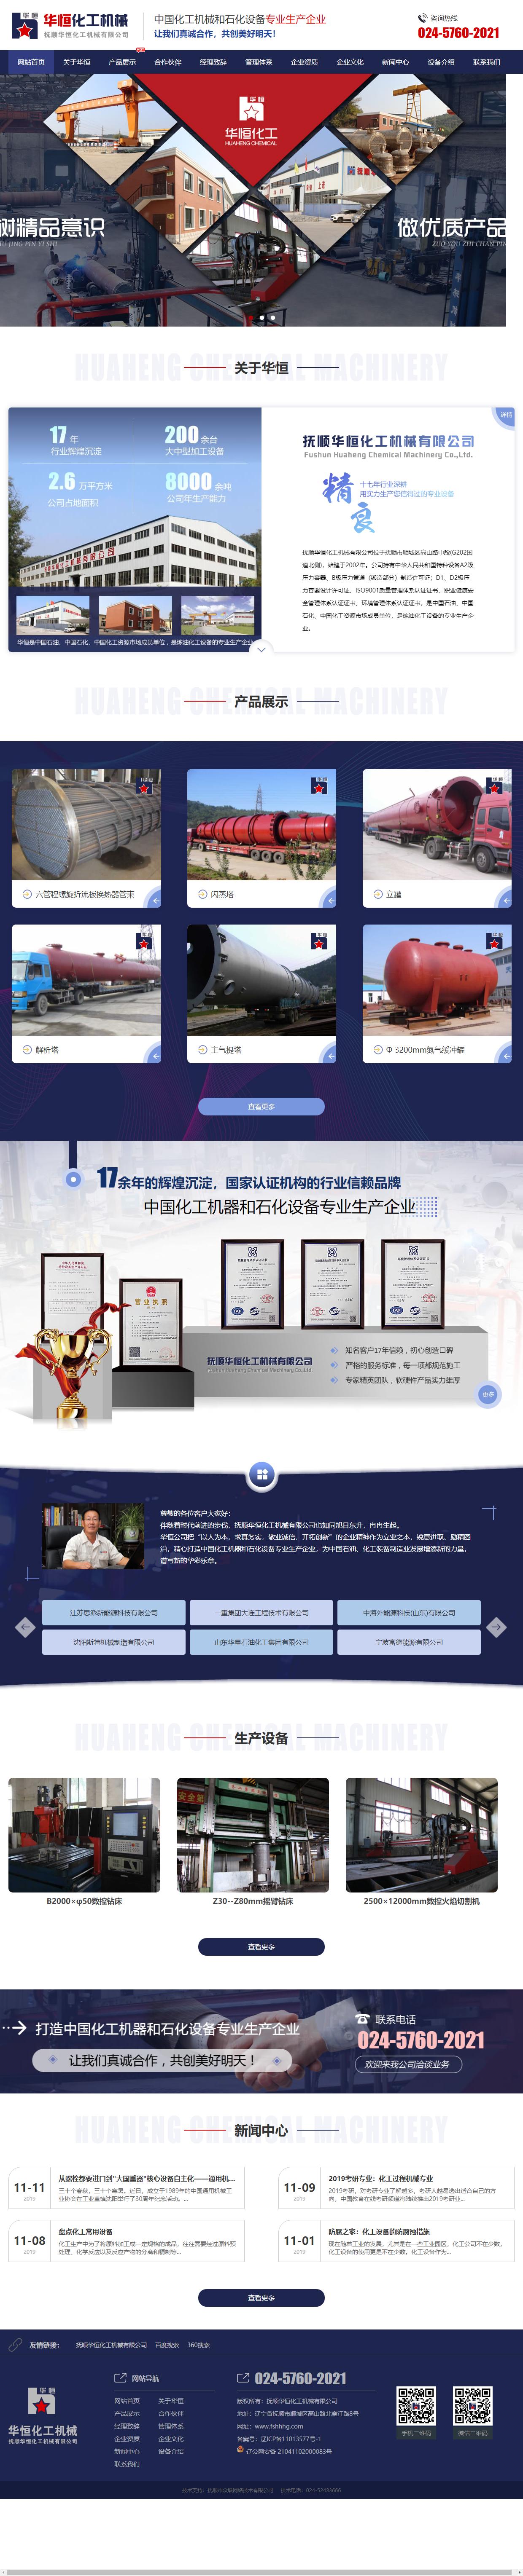 抚顺华恒化工机械有限公司网站案例